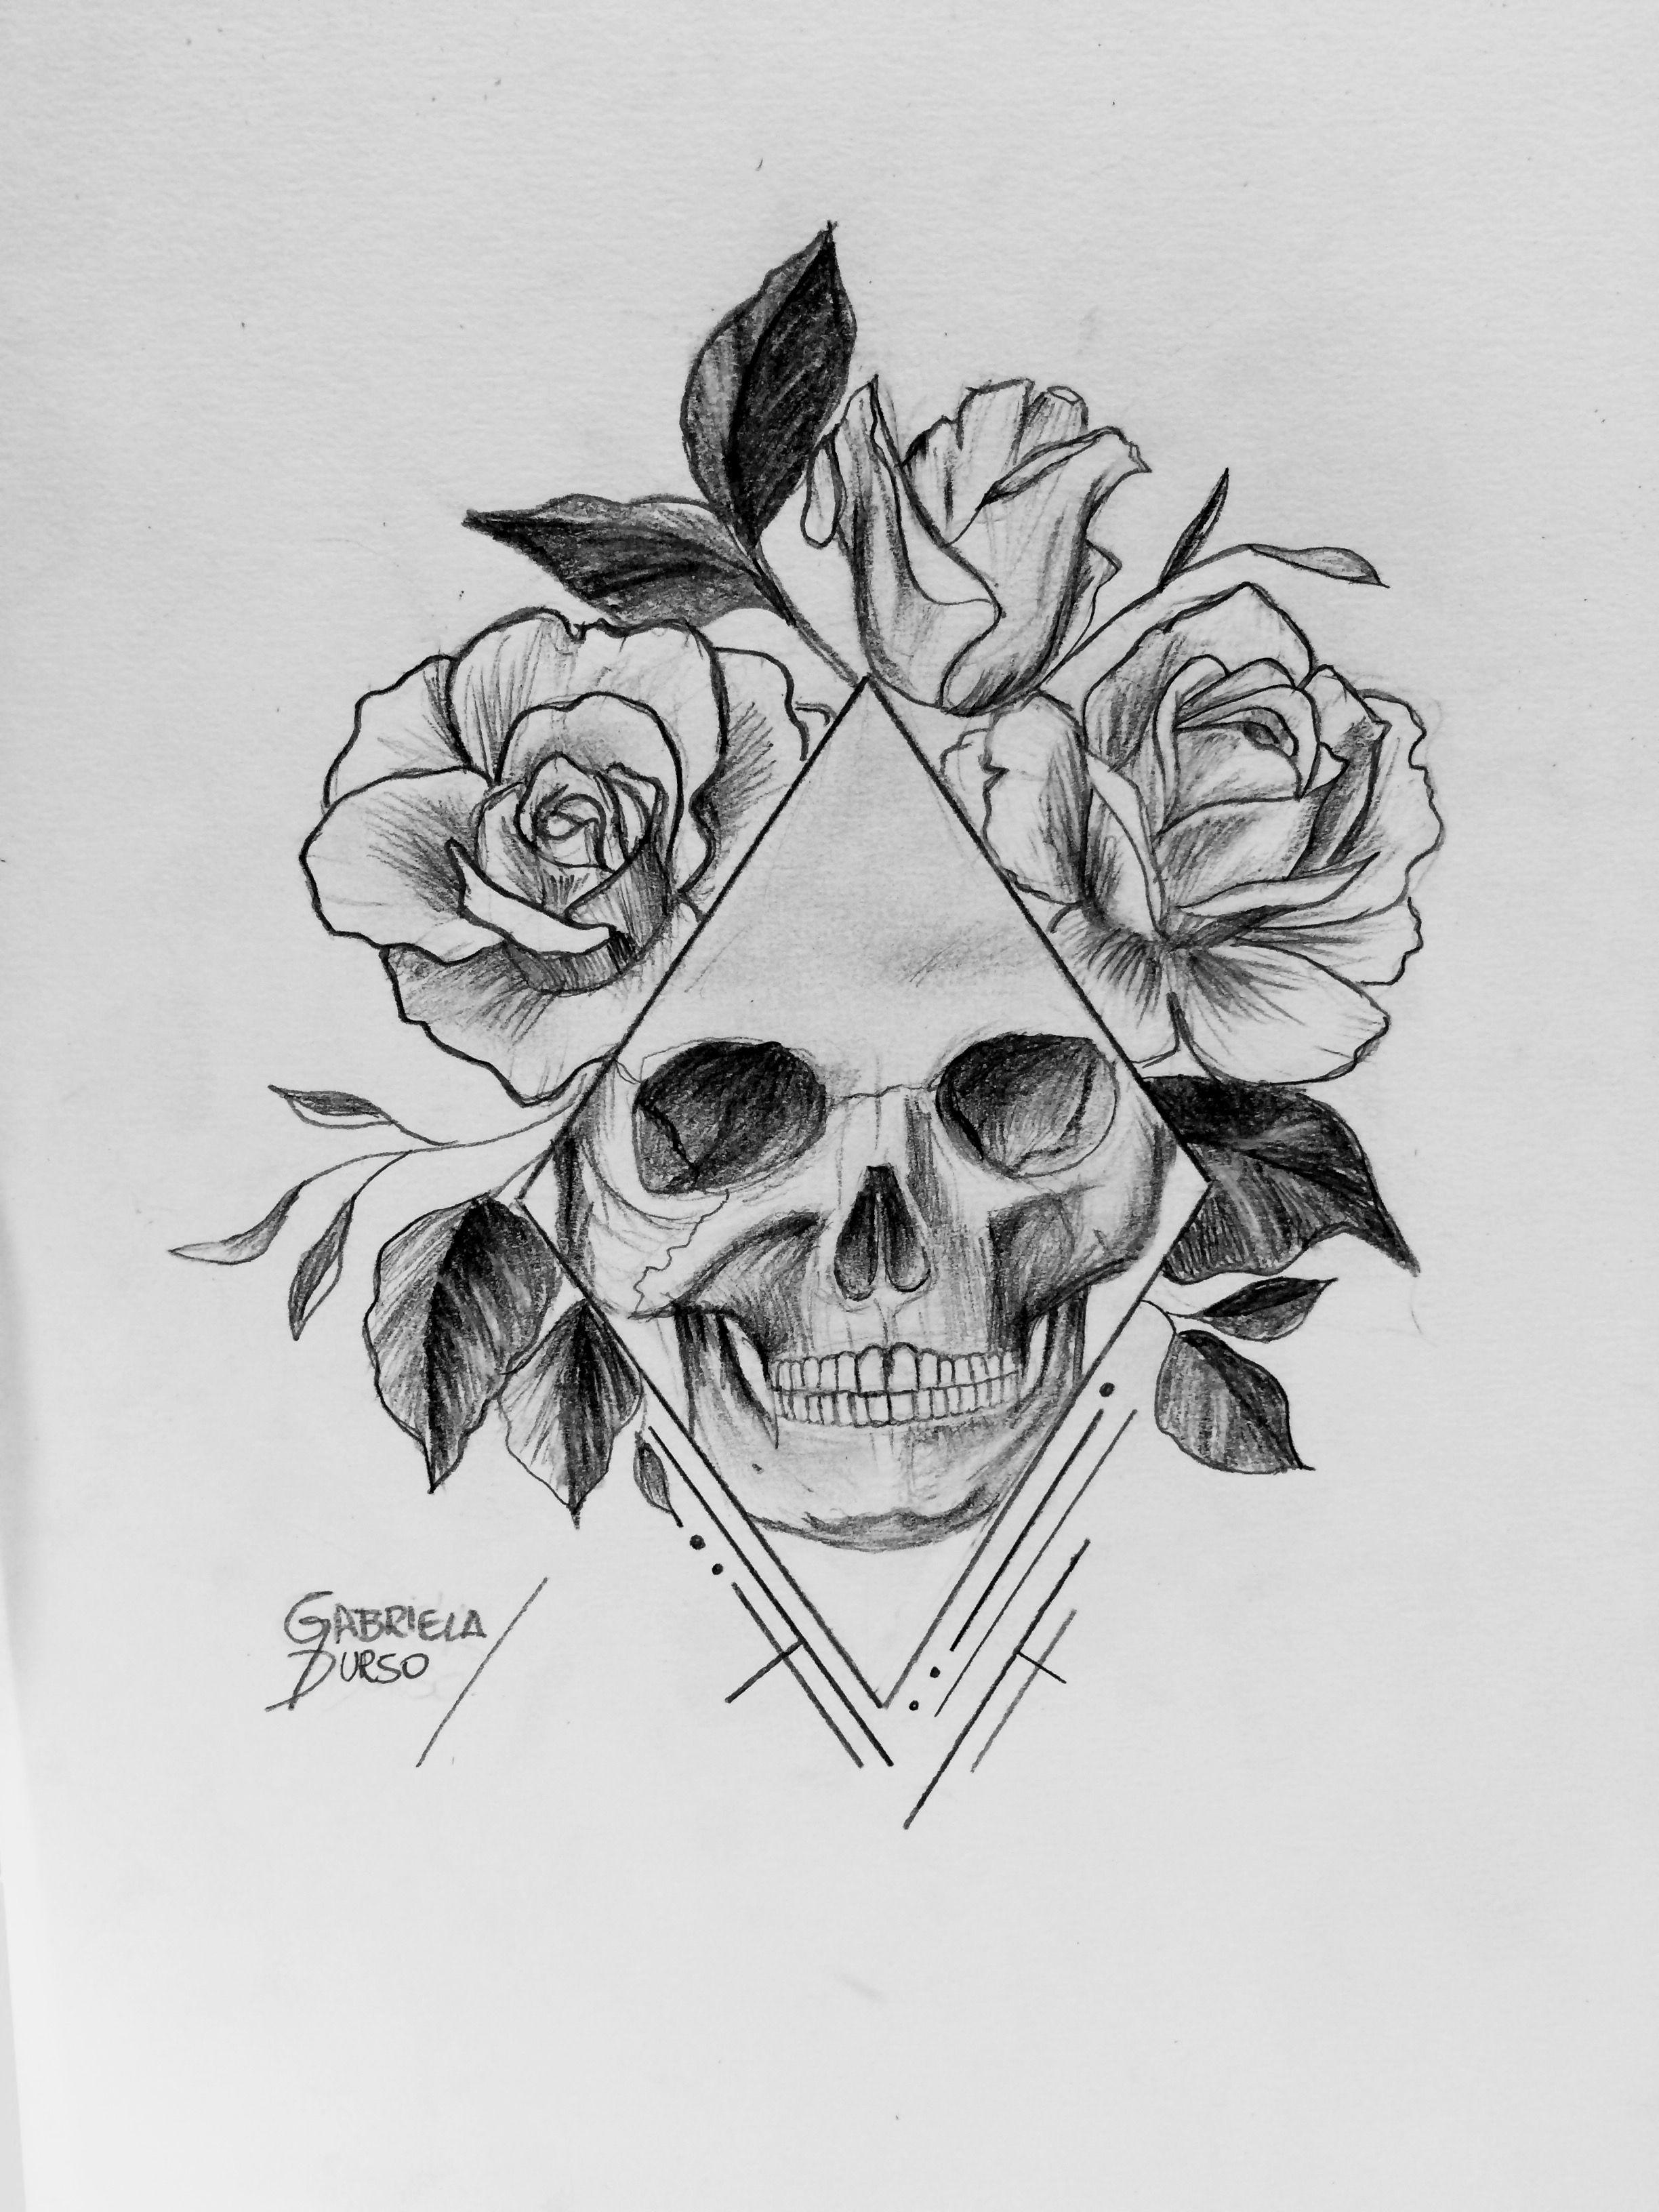 Desenho De Caveira Com Rosas Feito Por Gabriela Durso Desenho